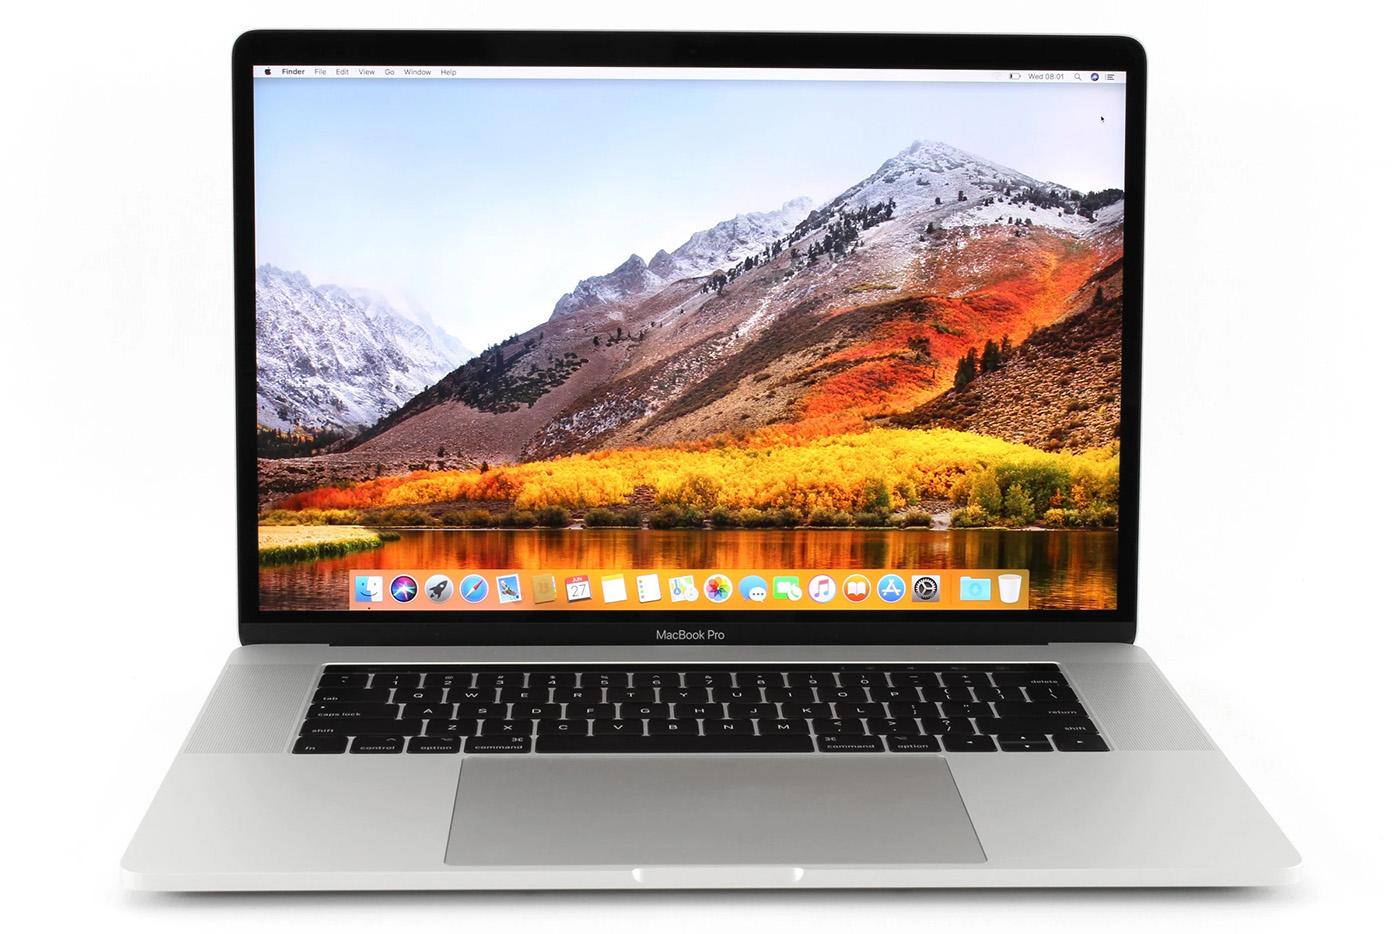 macbook-pro-15-inch-2016